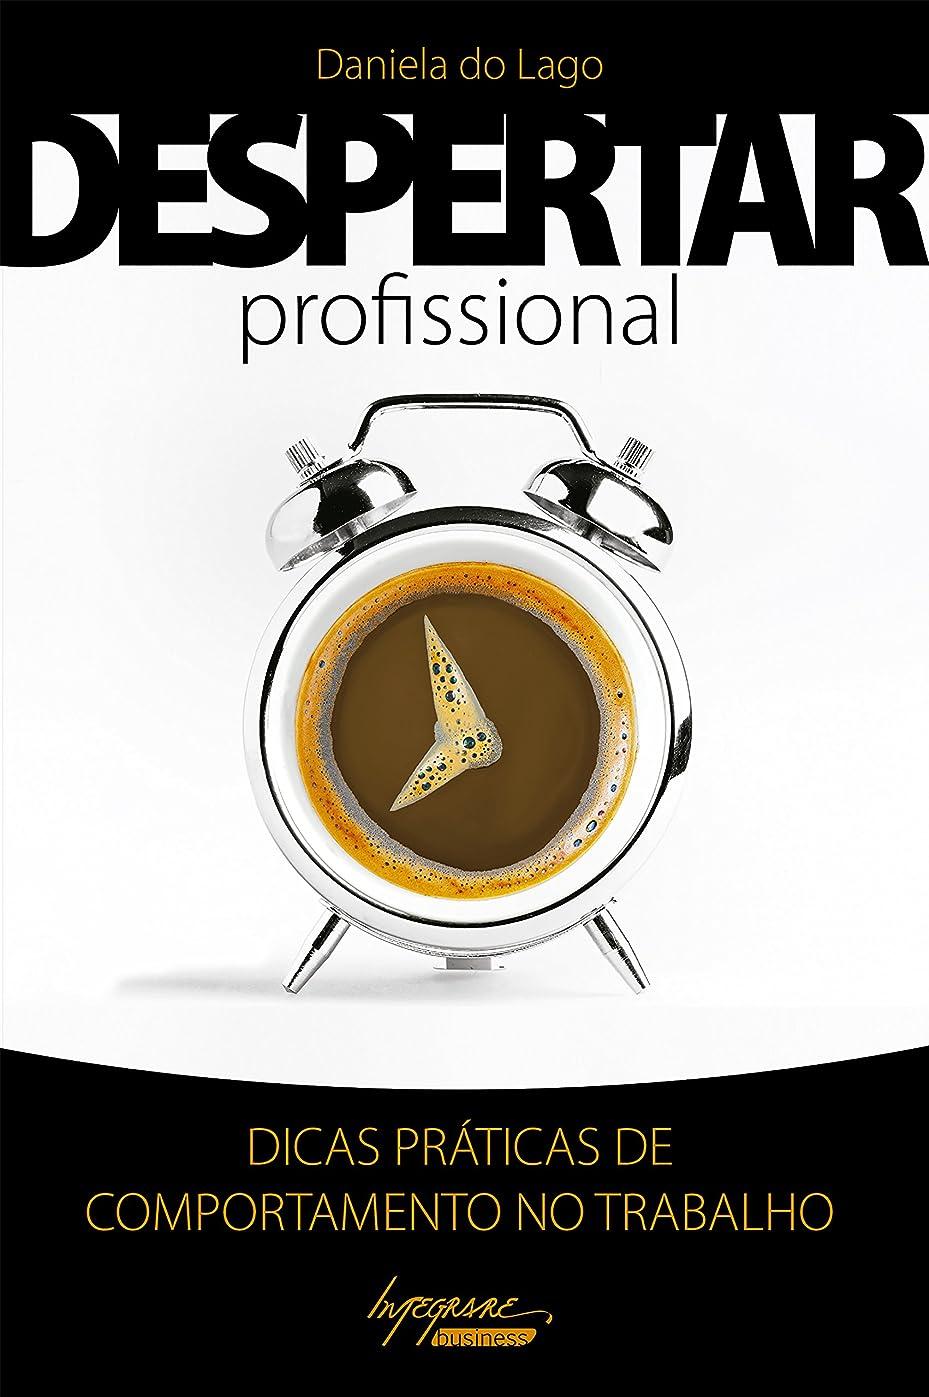 フォルダ反抗調停するDespertar profissional: Dicas práticas de comportamento no trabalho (Portuguese Edition)